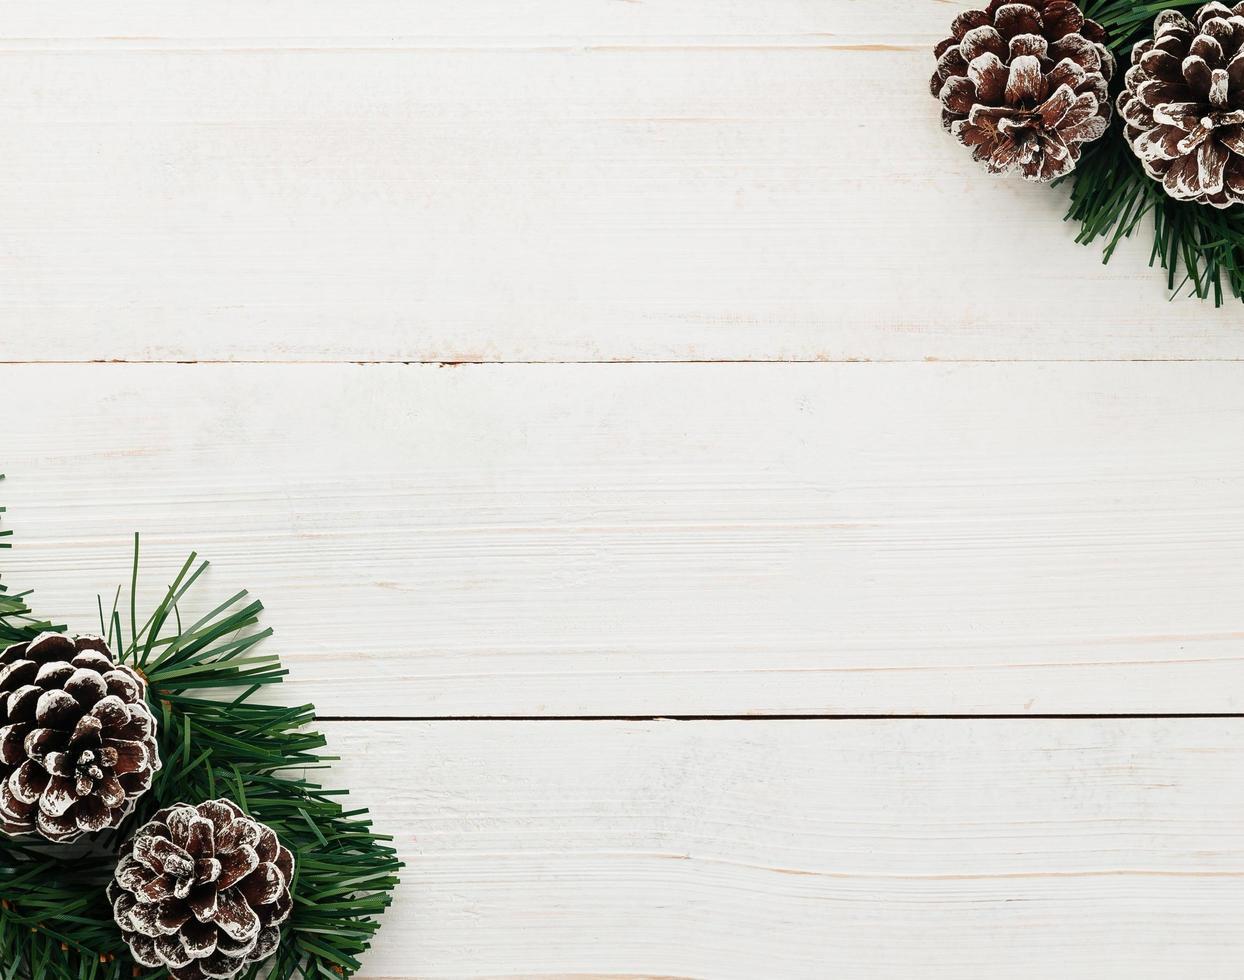 decoração de pinha de natal na mesa de madeira branca foto